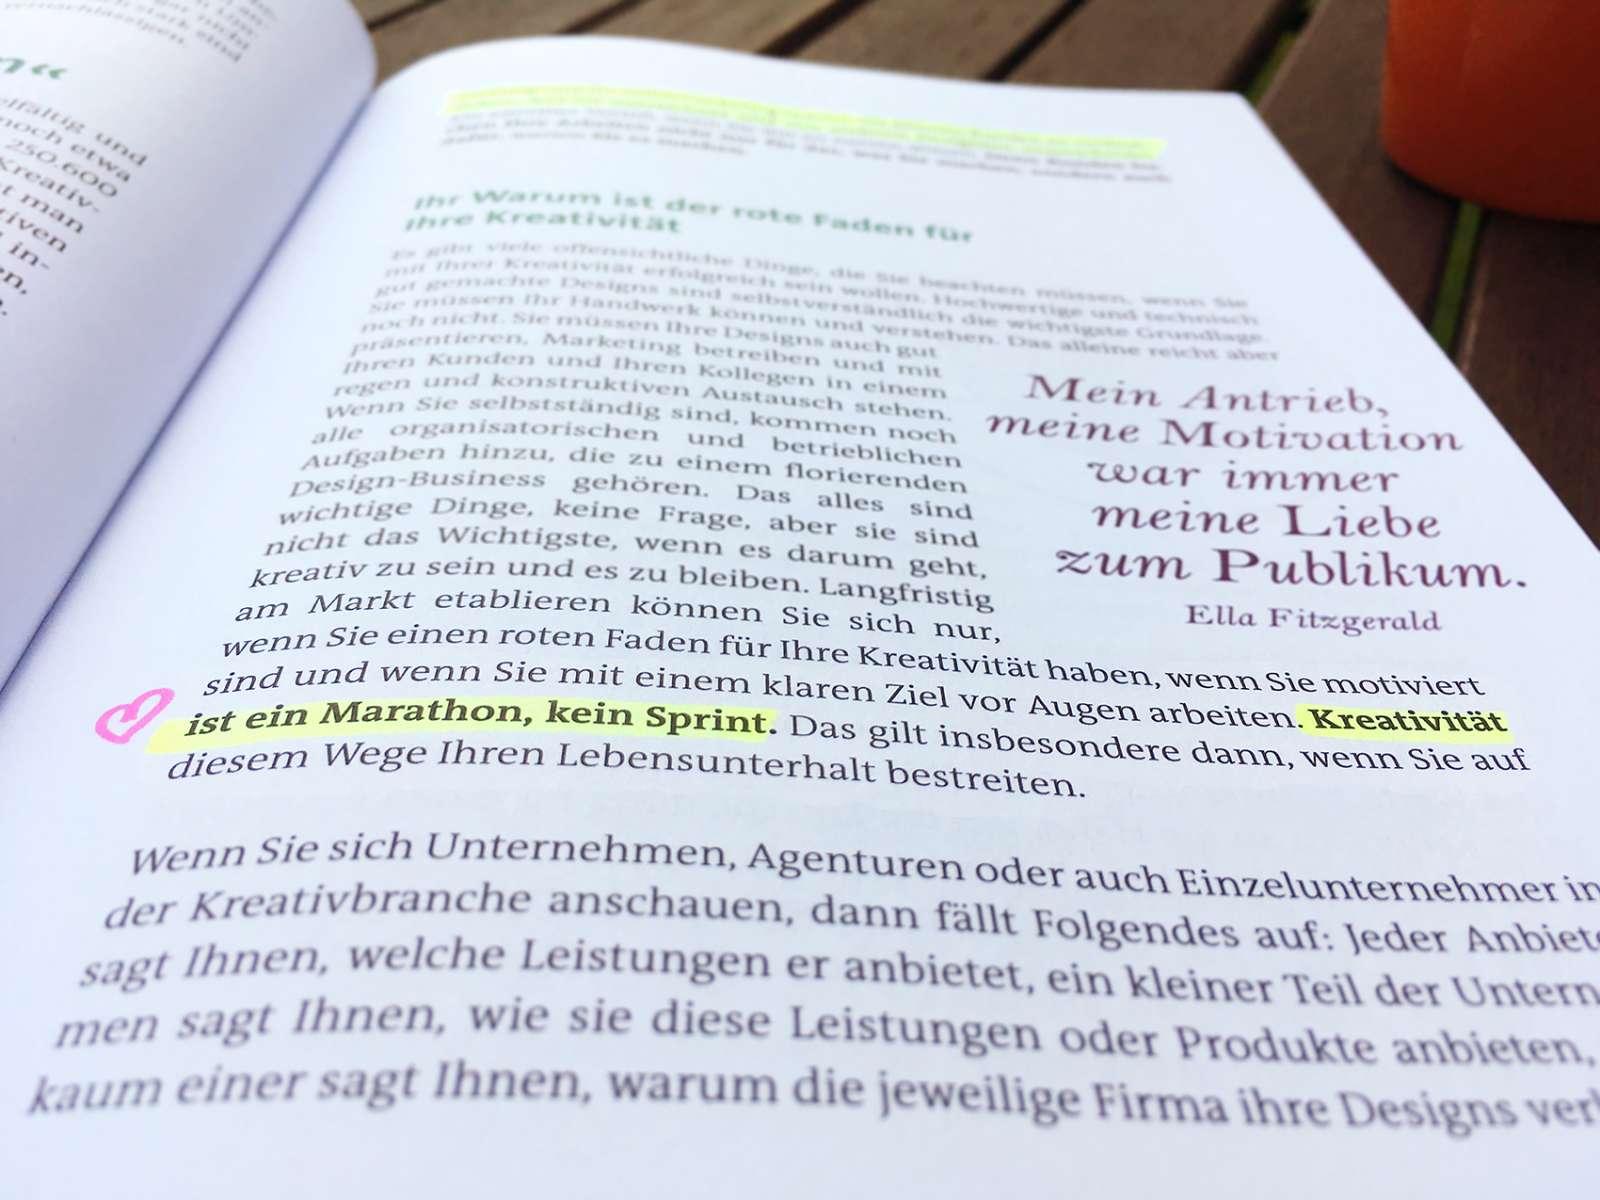 Buchrezension Kreativ sein, kreativ bleiben von Gudrun Wegener